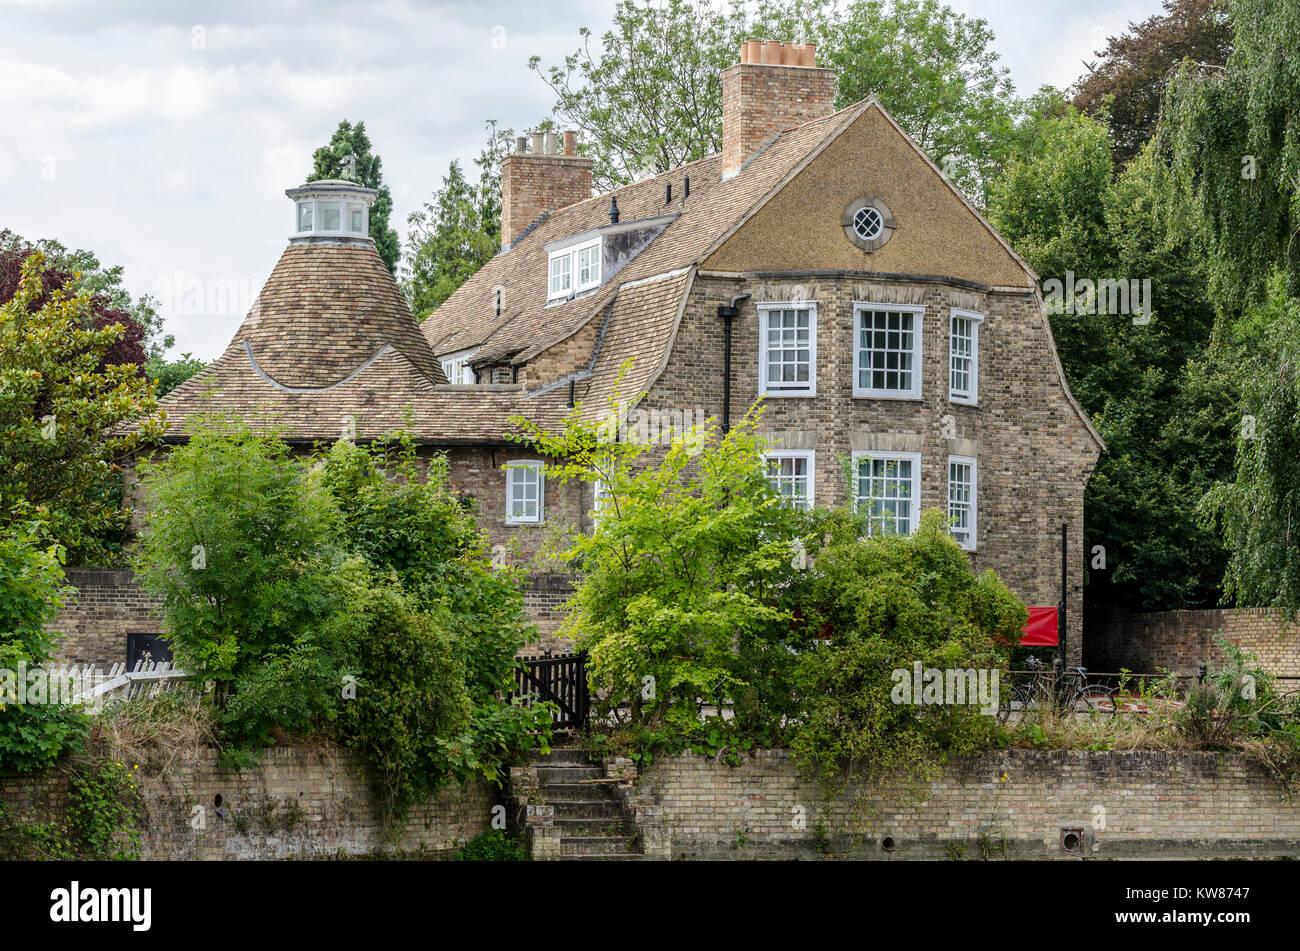 Garden House School Stock Photos & Garden House School Stock Images ...